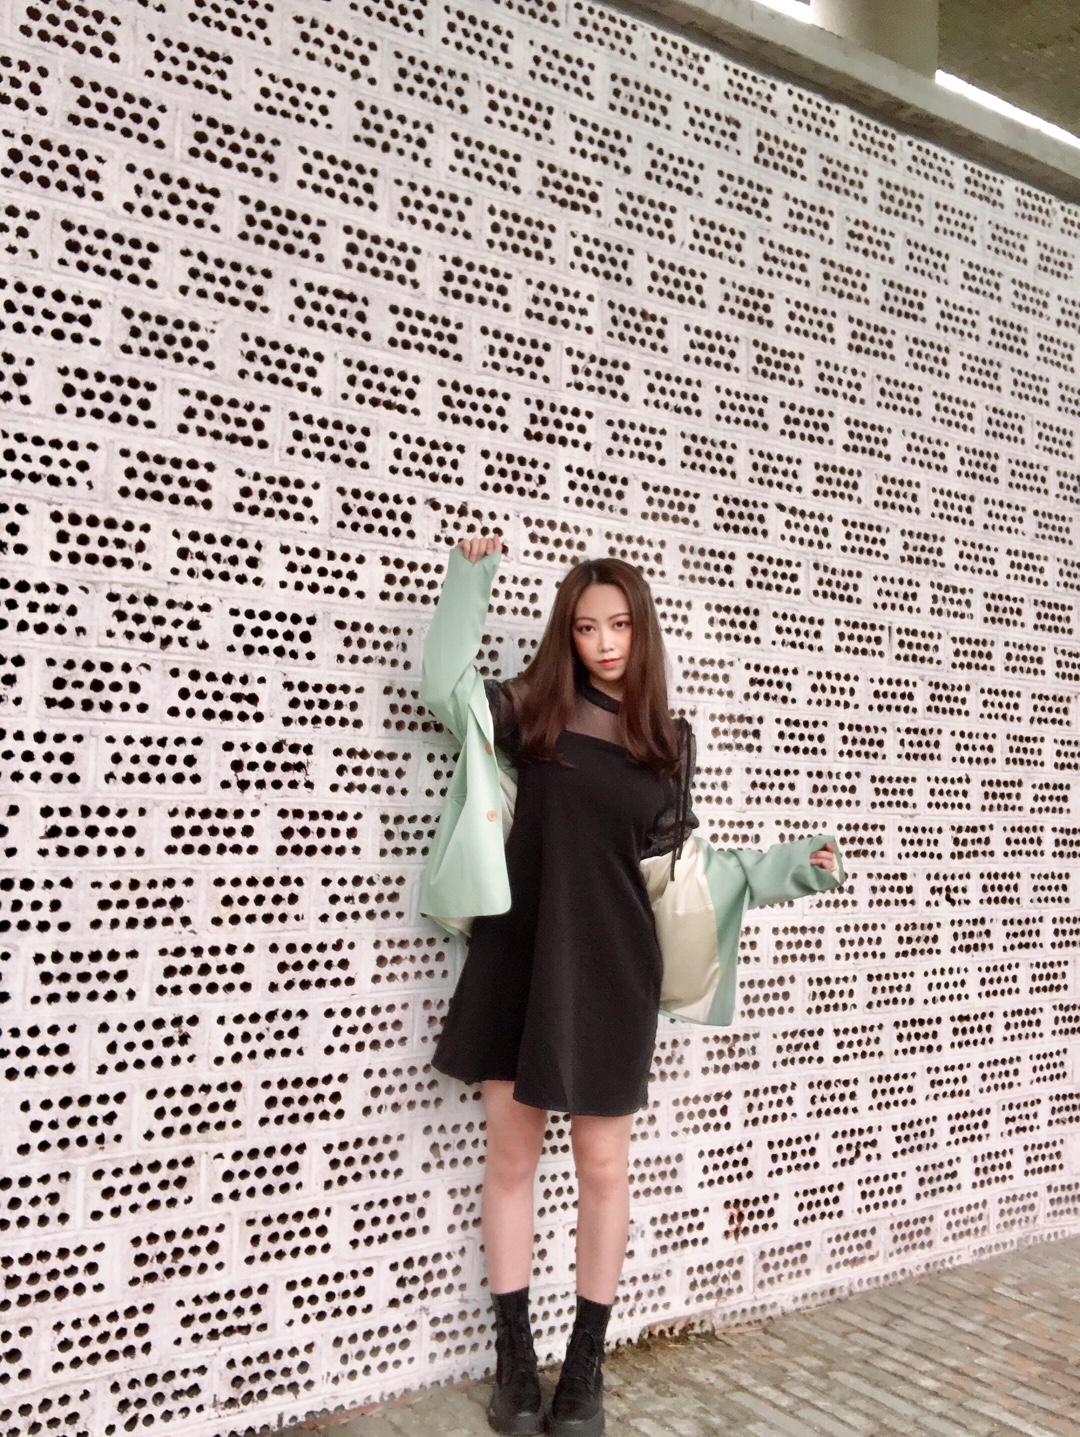 #好看易学的温柔风穿搭模板!# 最近成都又降温了真的好冷 拿出了我喜欢的小黑裙! 裙子是公主袖设计非常减龄 还是带闪的材质 穿起来十分淑女 外套为纯黑搭配增色 一抹绿 是夏天的感觉